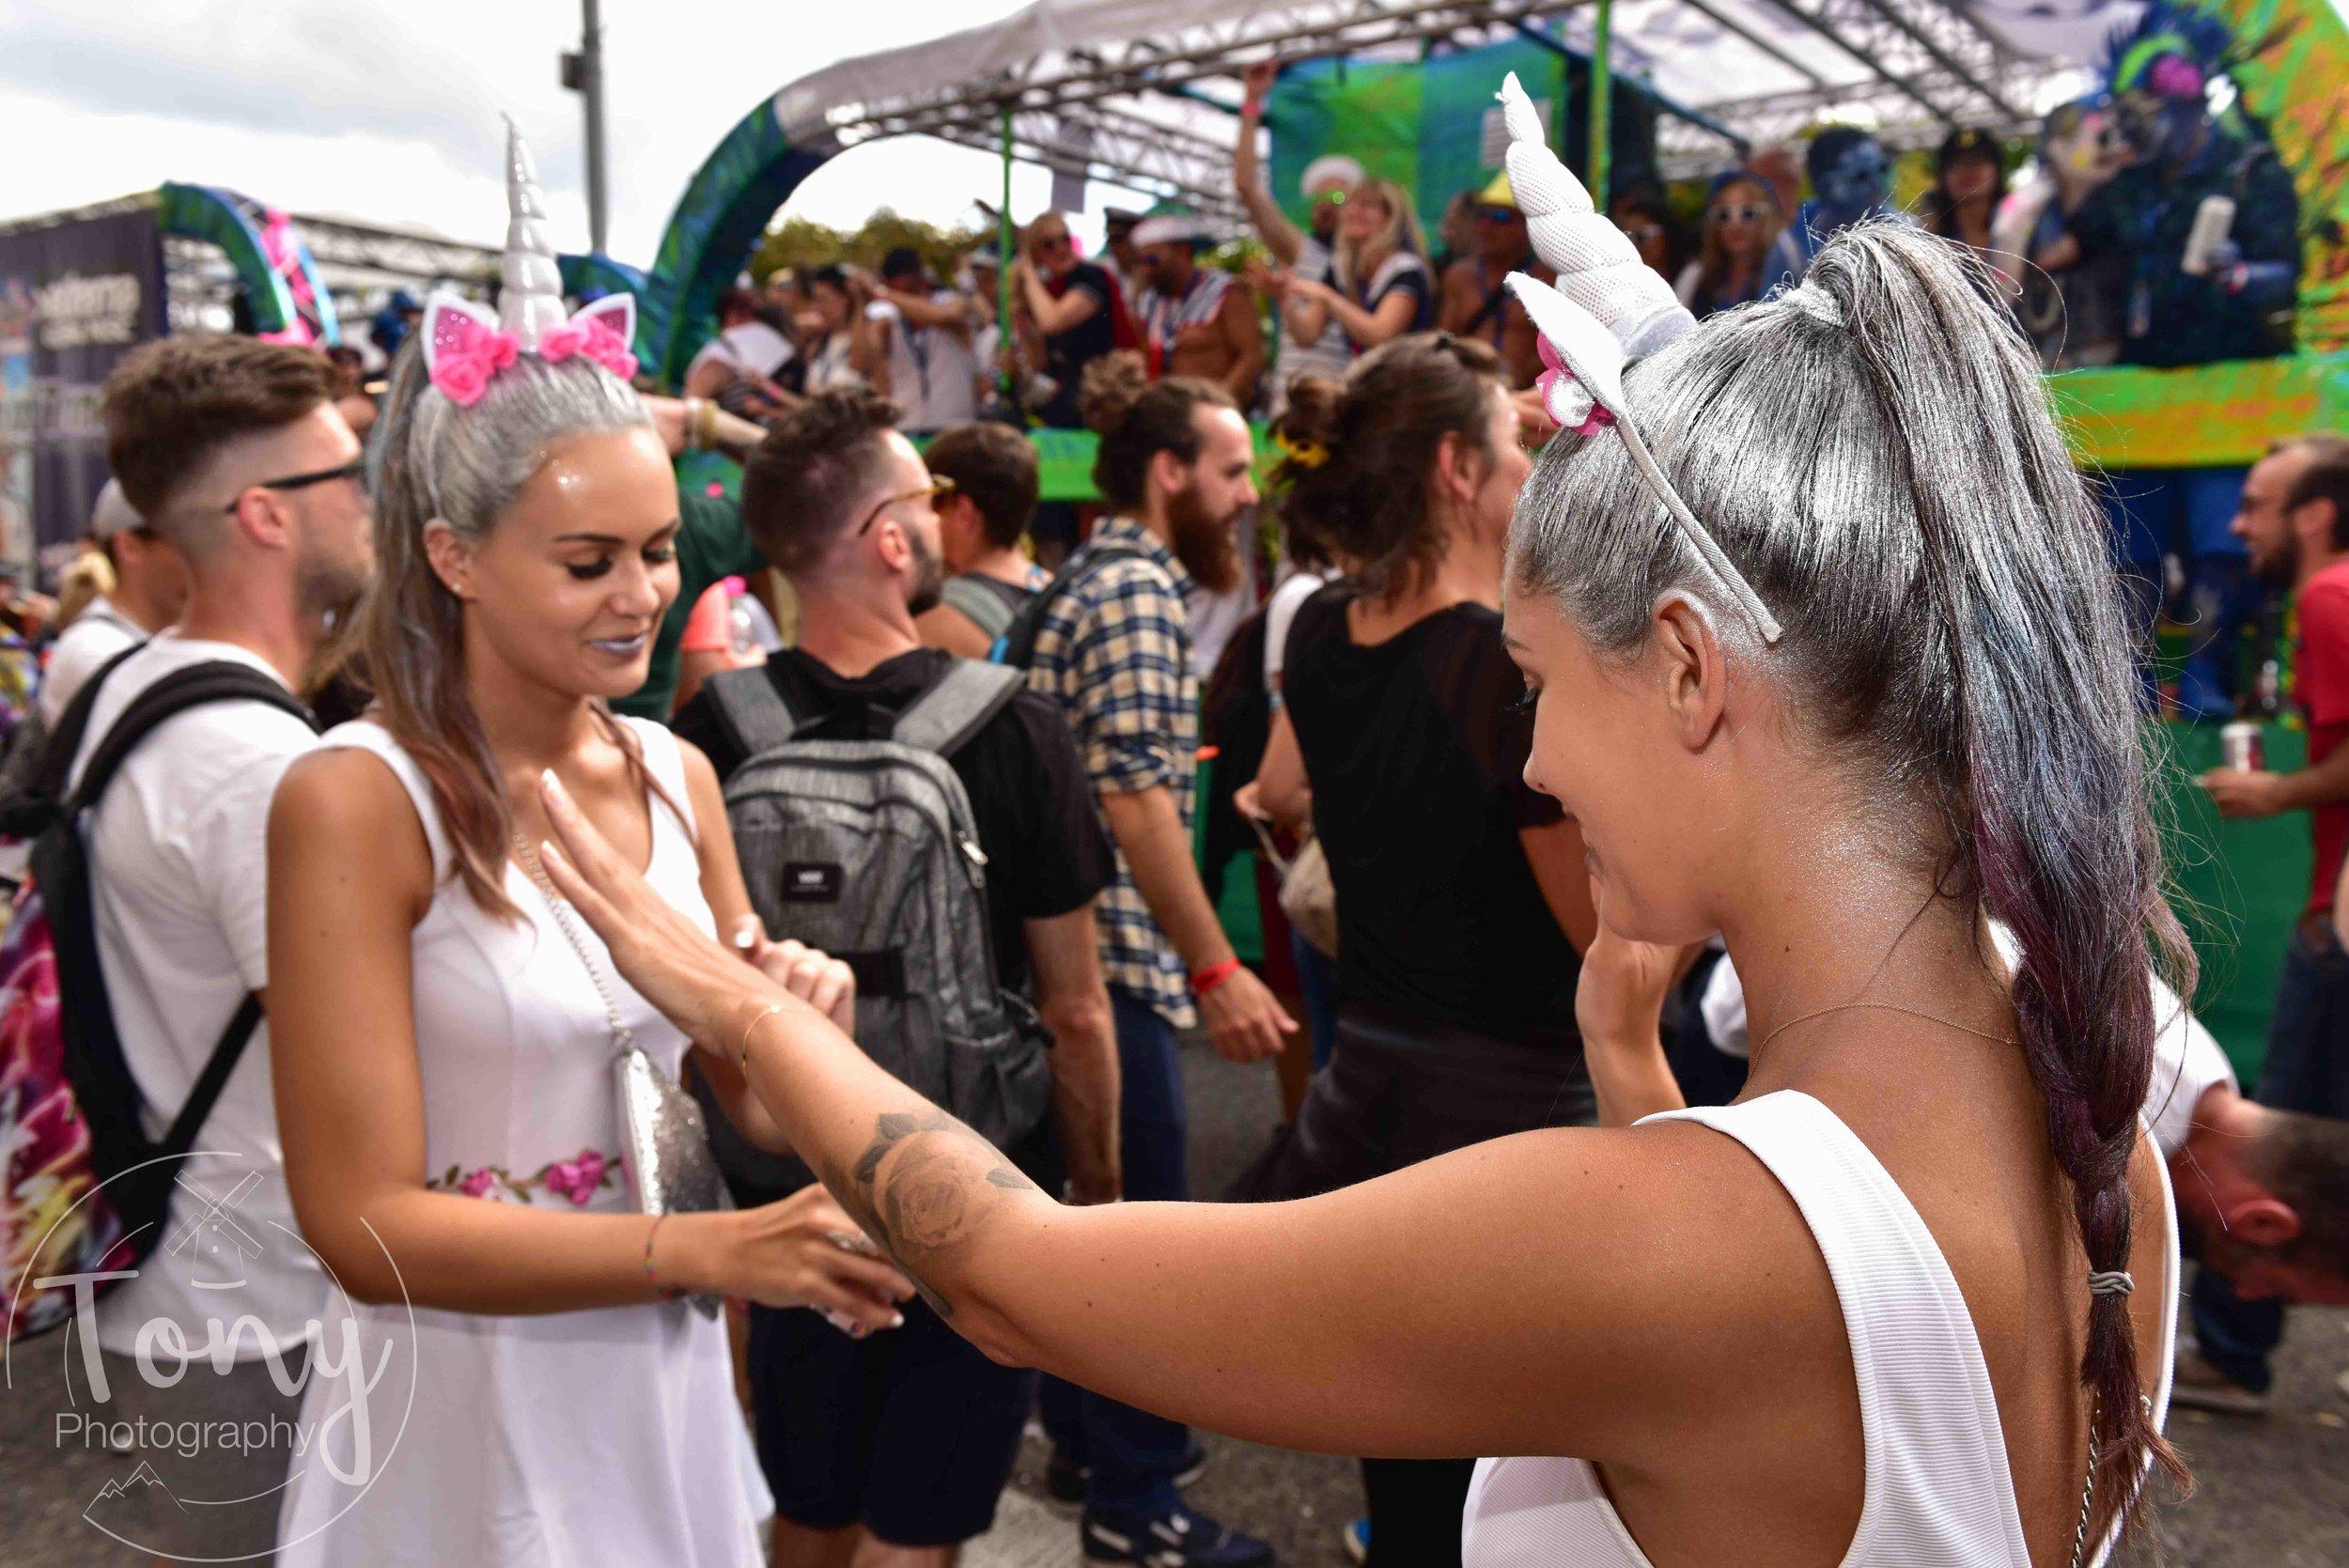 streetparade-186.jpg